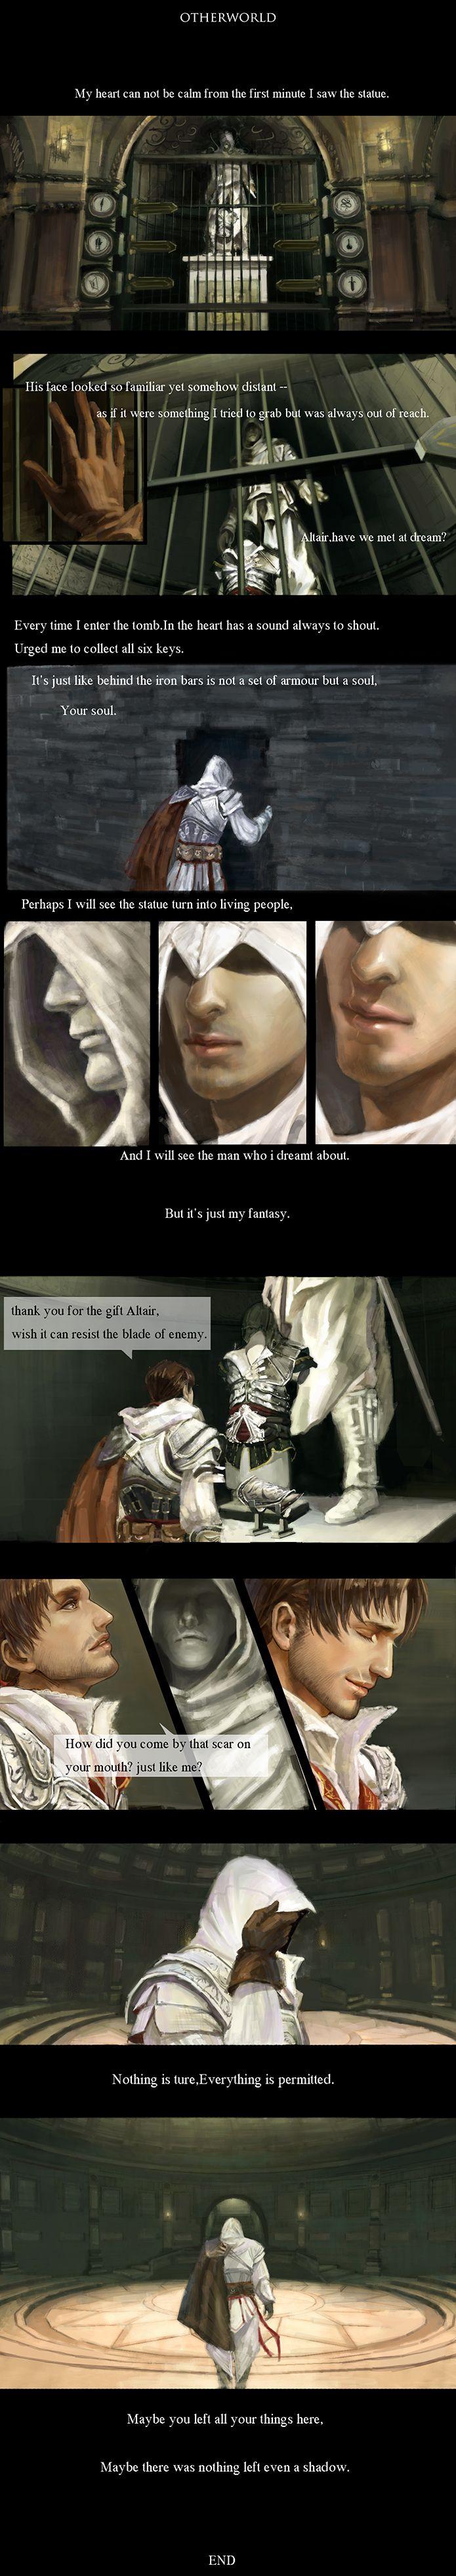 Ezio and Altair's armor.